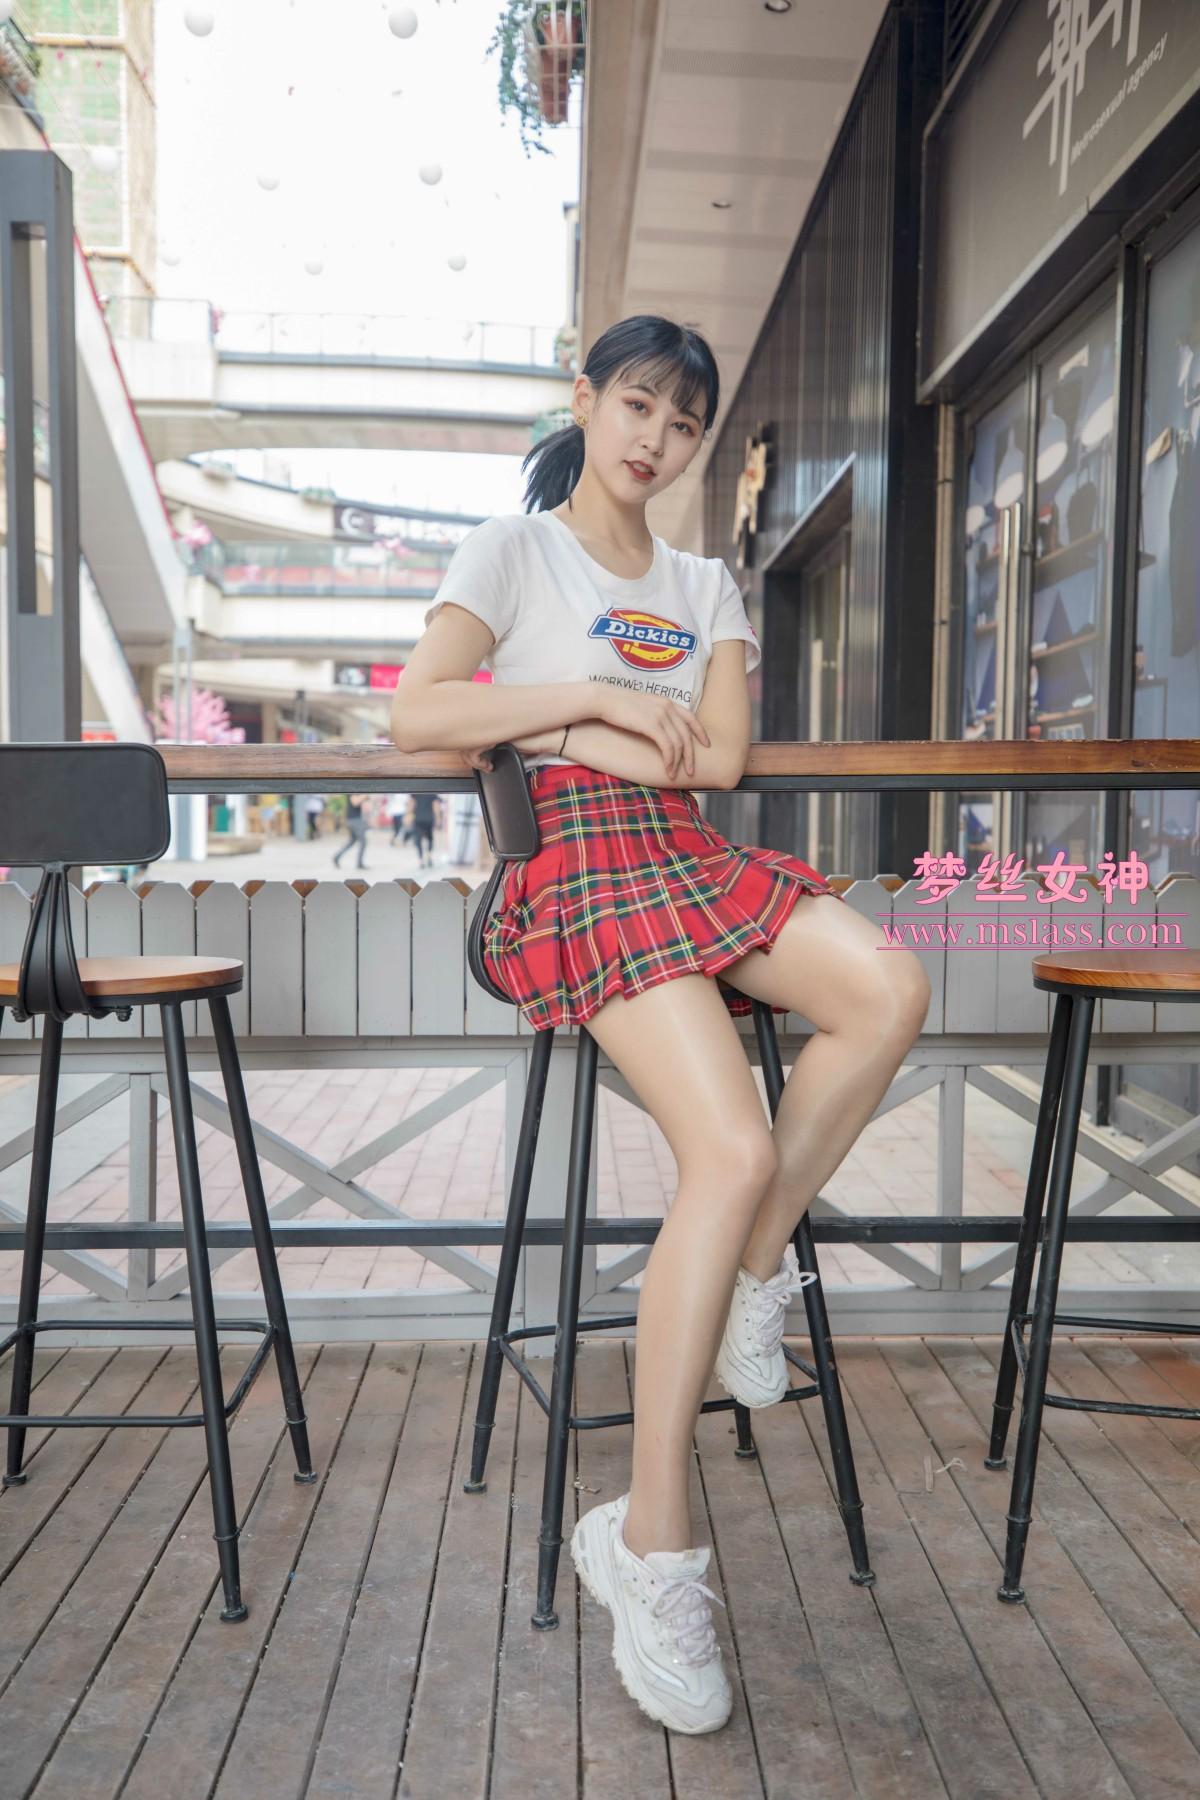 梦丝女神 可岚 油光丝袜[73P] 梦丝女神 第3张